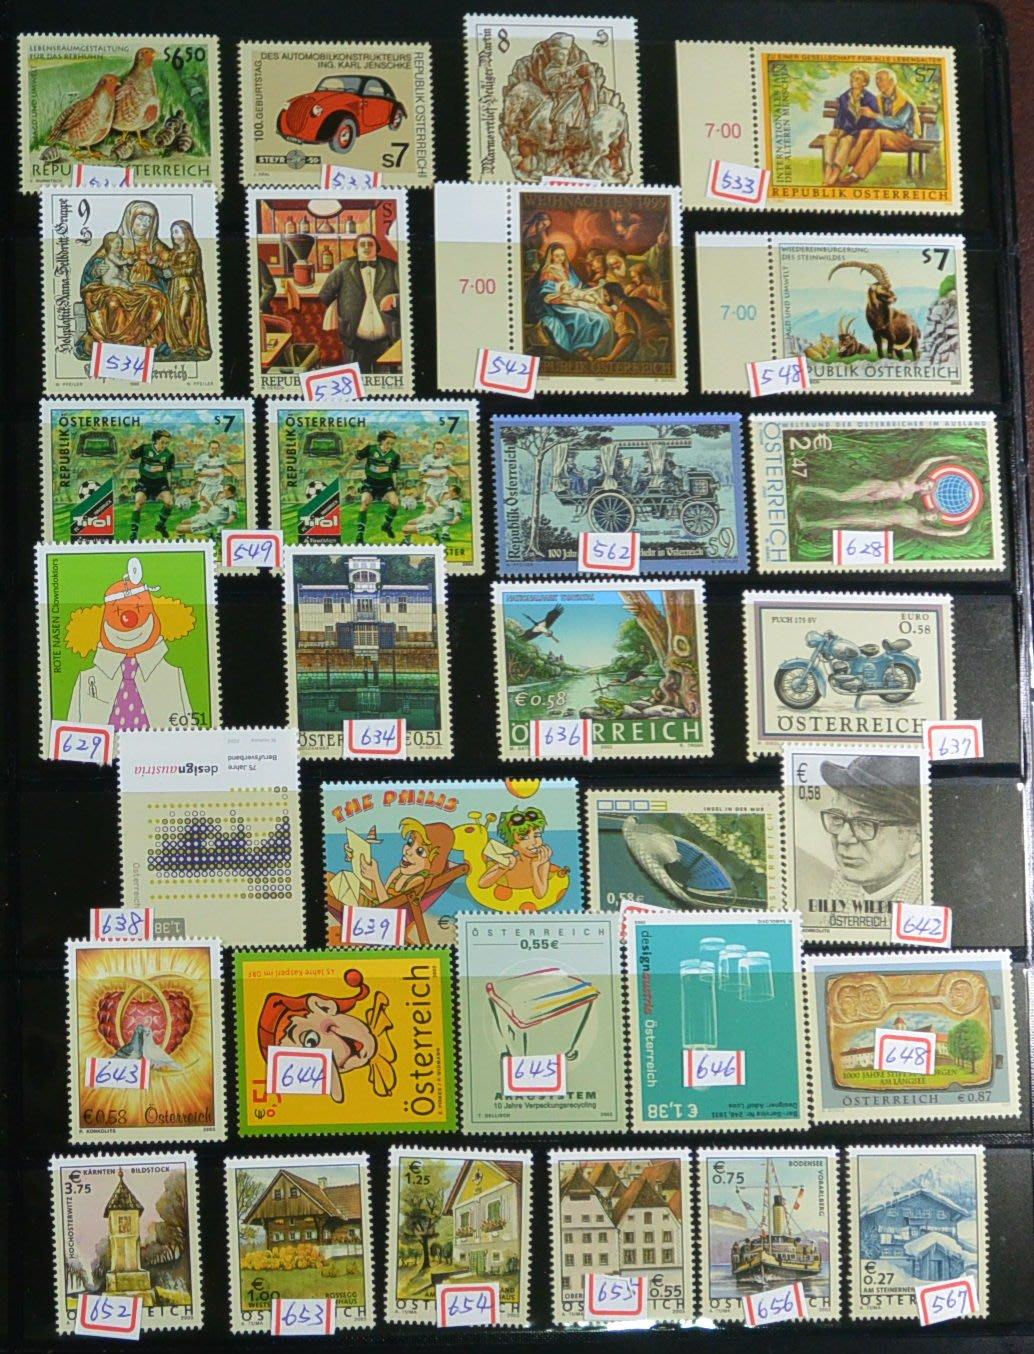 特價商品 外國郵票 奧地利 二頁 008